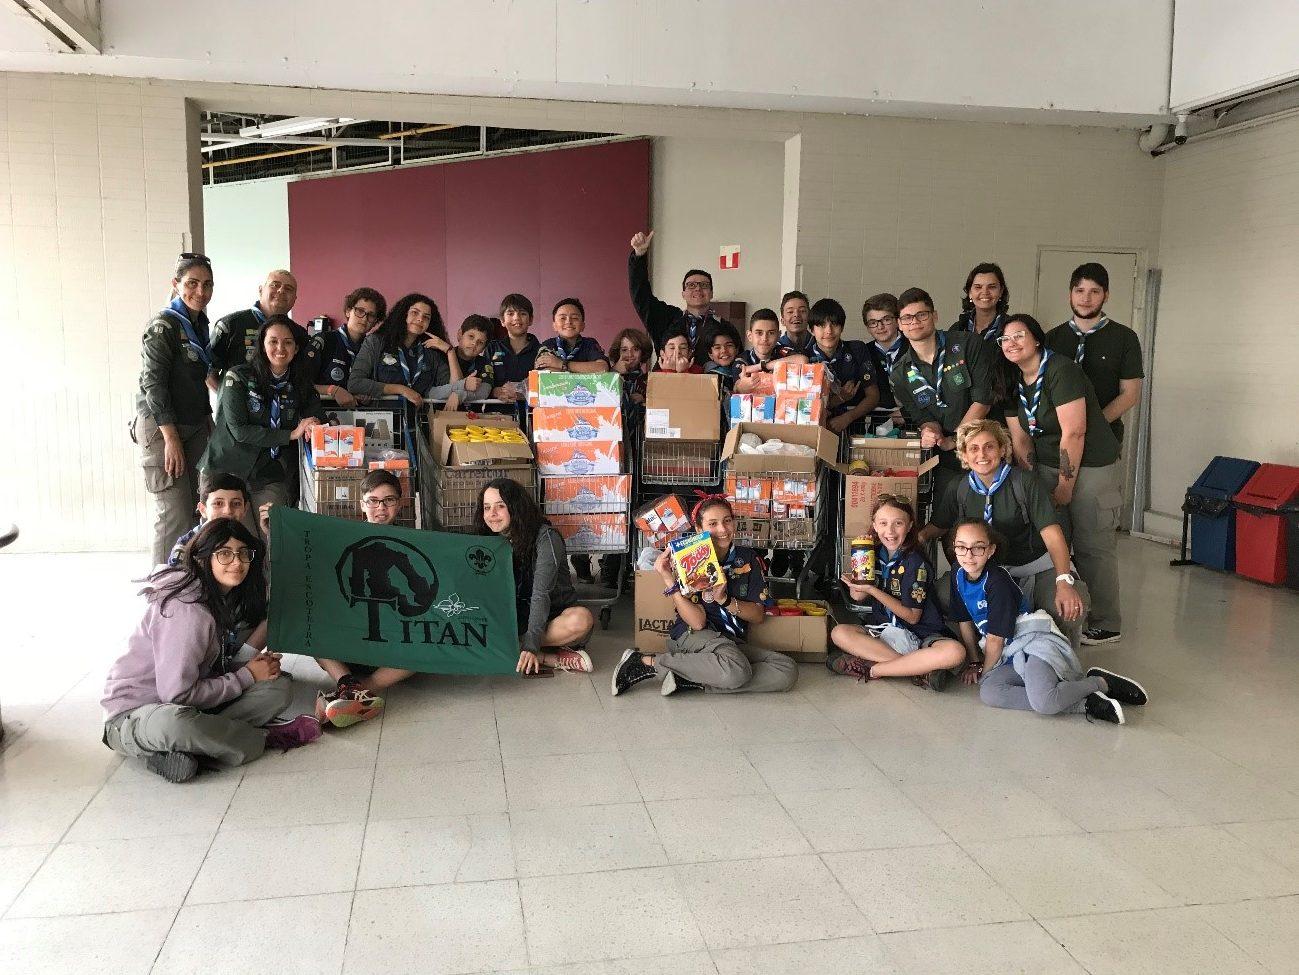 GESD participa do MutCom 2018 com diversas atividades